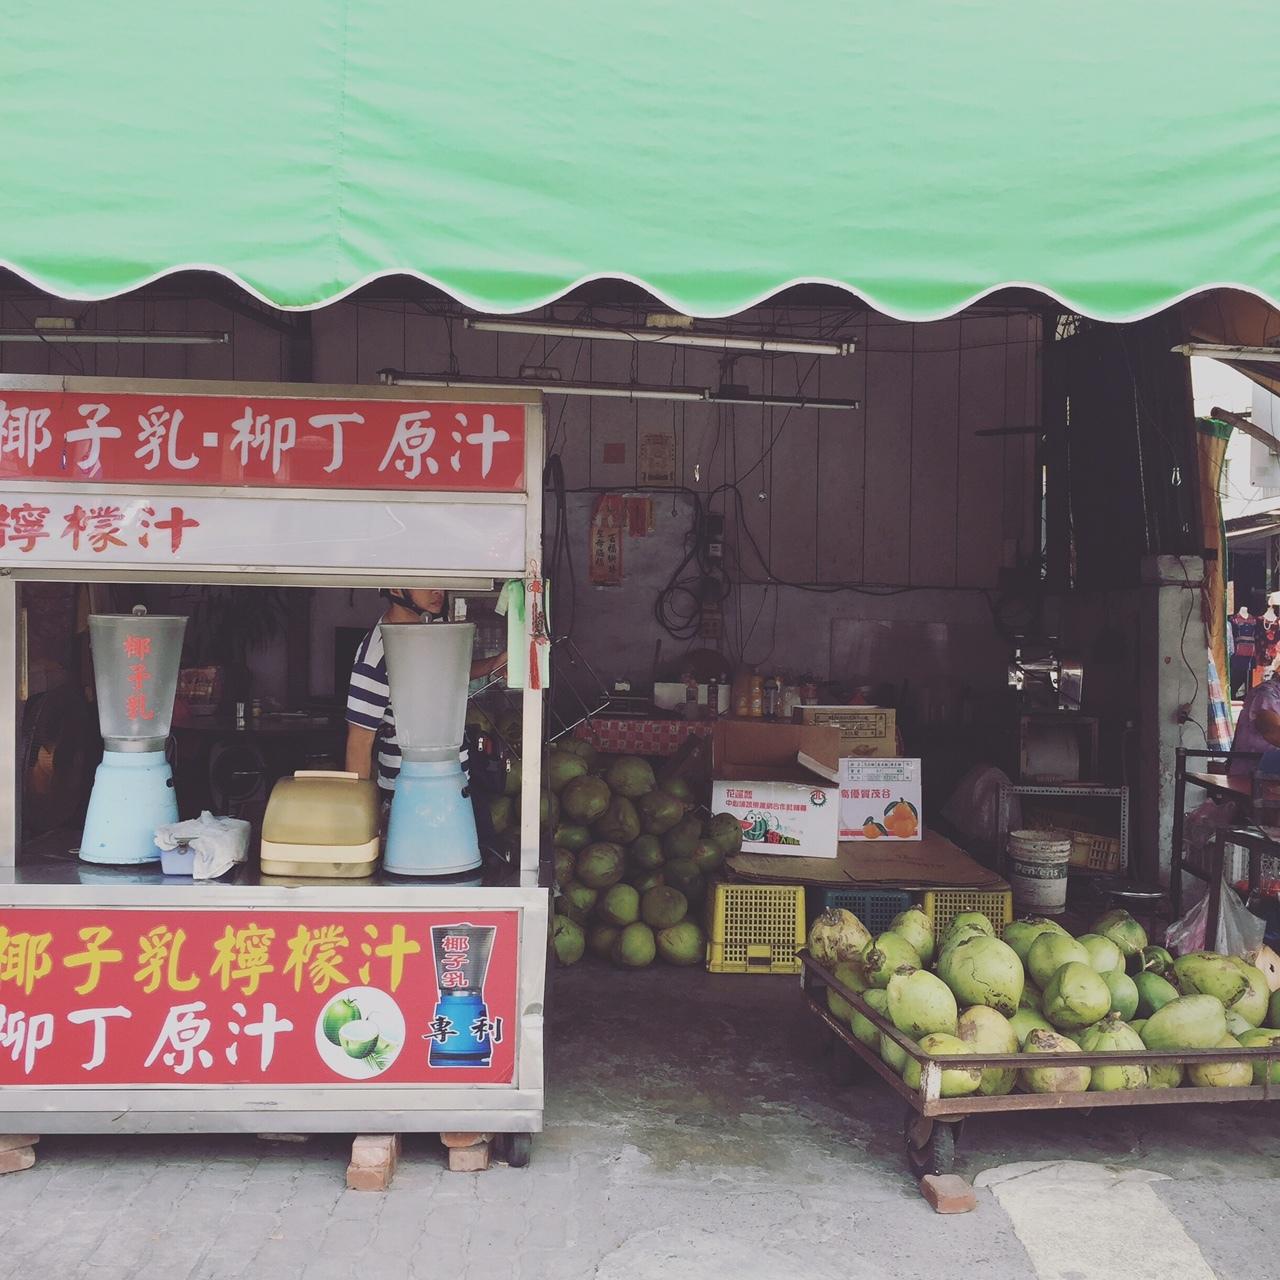 台湾、美食の街、嘉義を旅する①_1_2-1